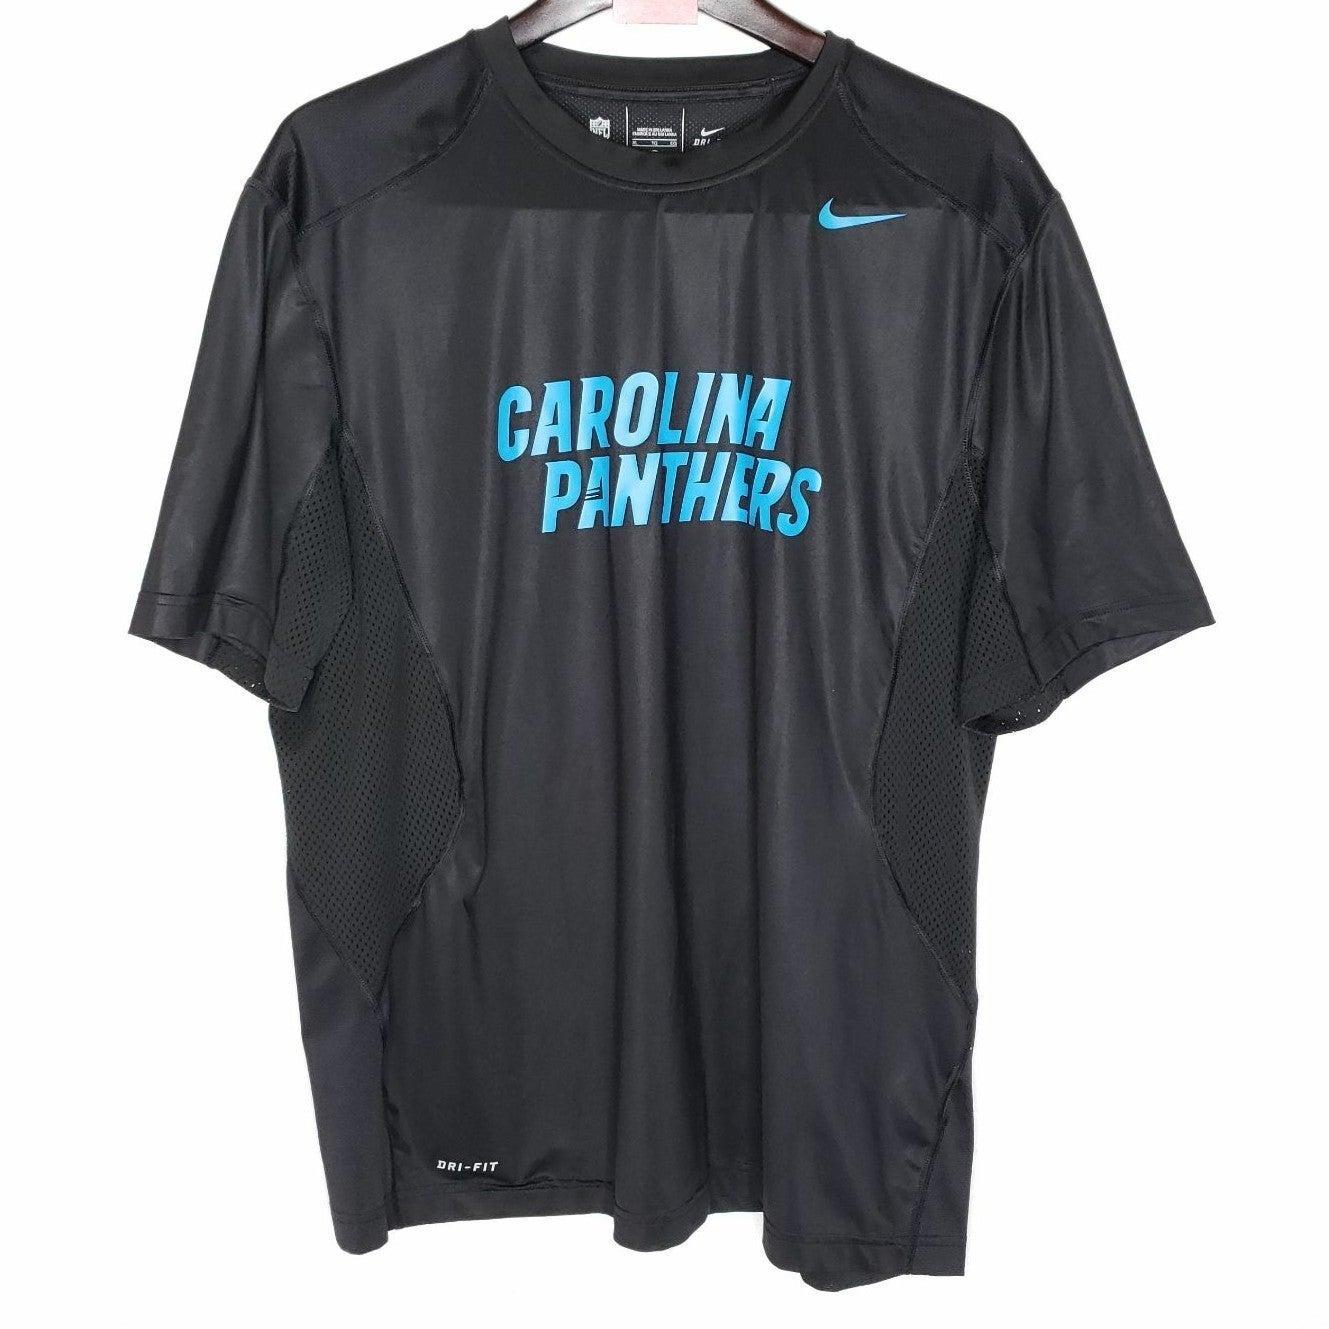 Nike Dri Fit Carolina Panthers Shirt XL